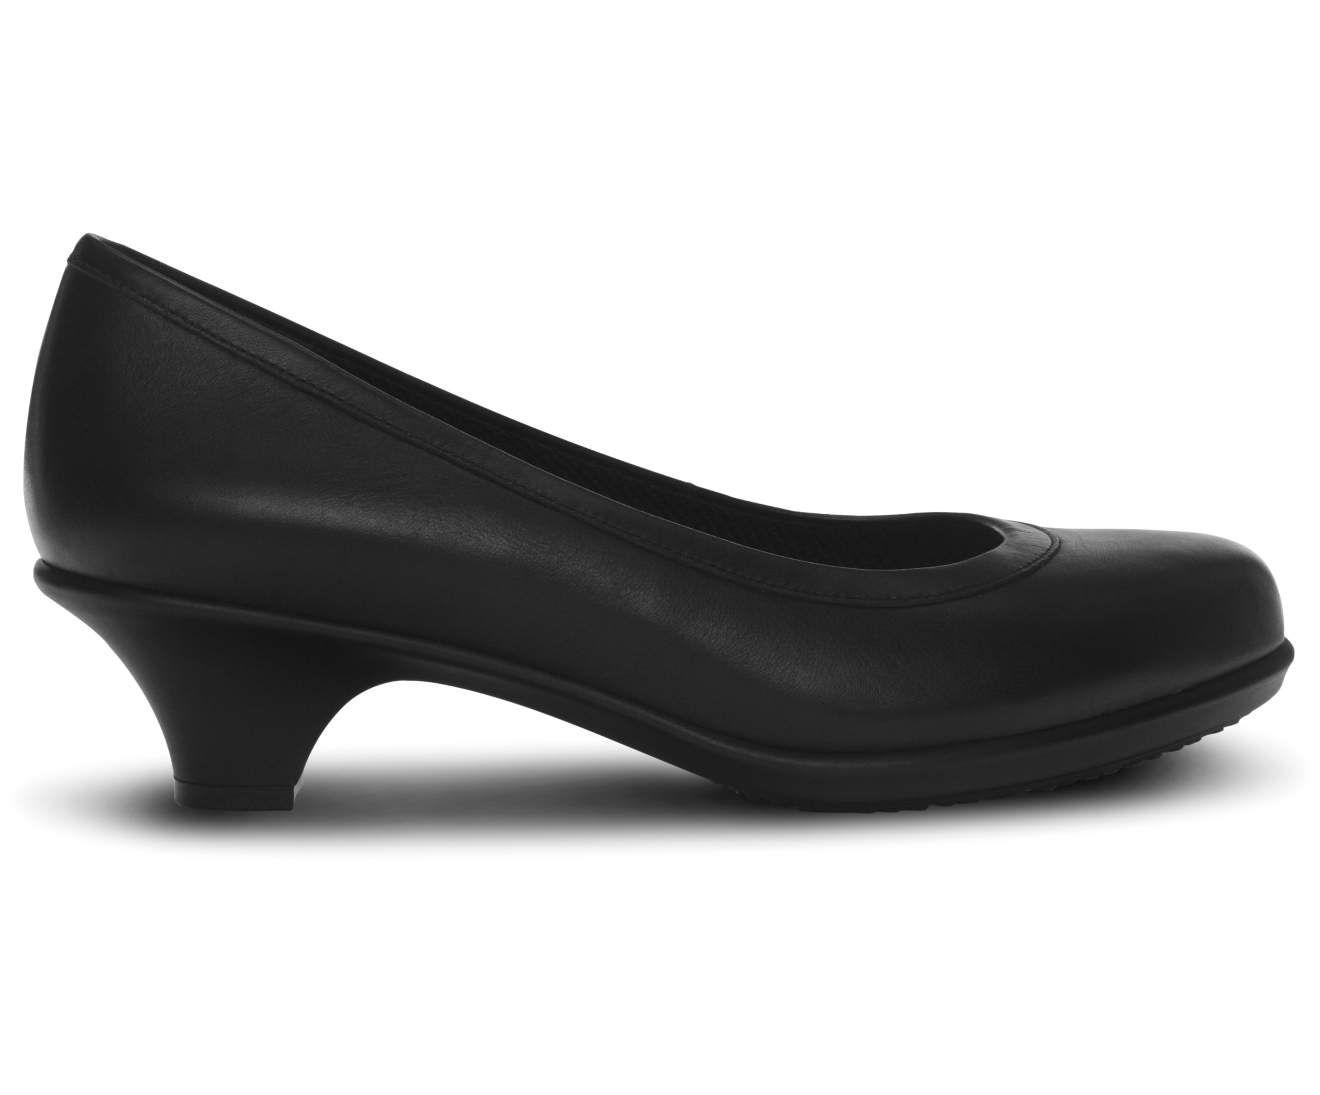 Crocs Grace Heel Comfortable Women S Work Shoe Crocs Official Site Work Shoes Shoes Work Shoes Women [ 1095 x 1320 Pixel ]